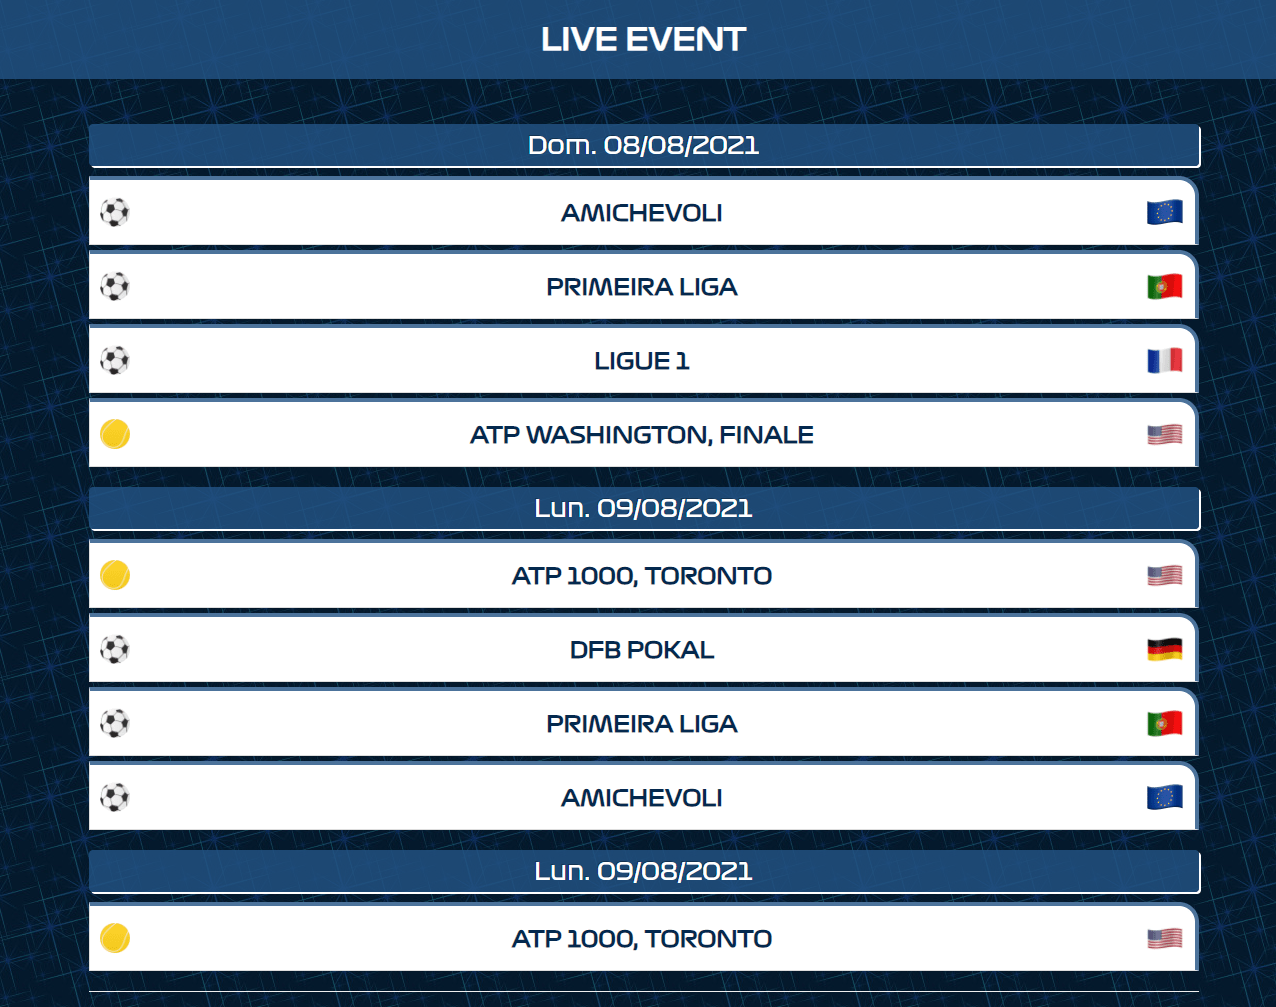 Migliori siti streaming calcio gratis | Ottobre 2021